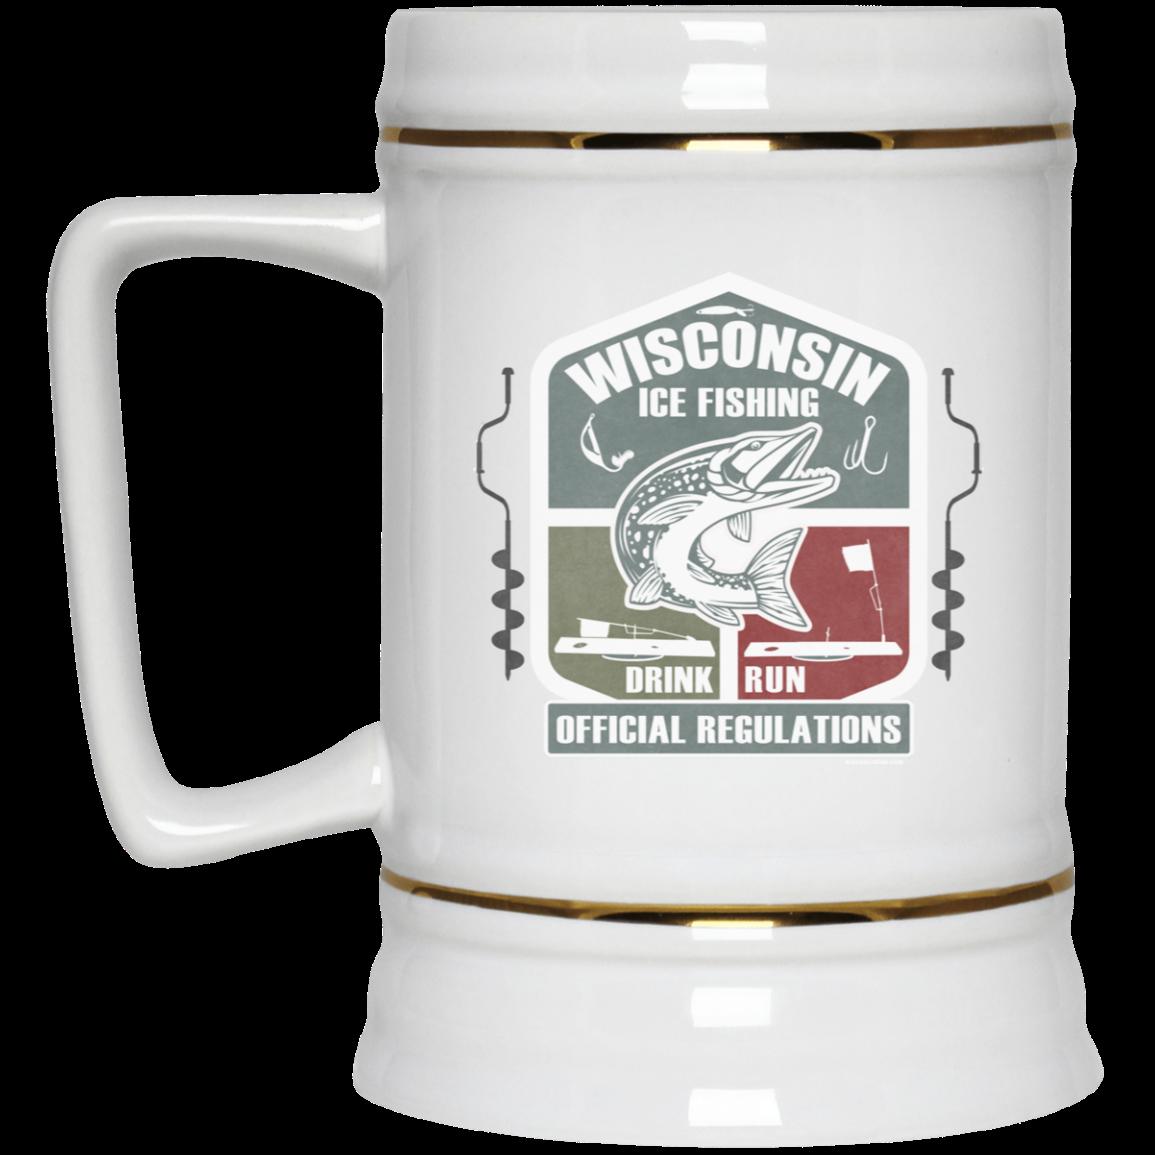 Wisconsin Ice Fishing Regulations Beer Stein